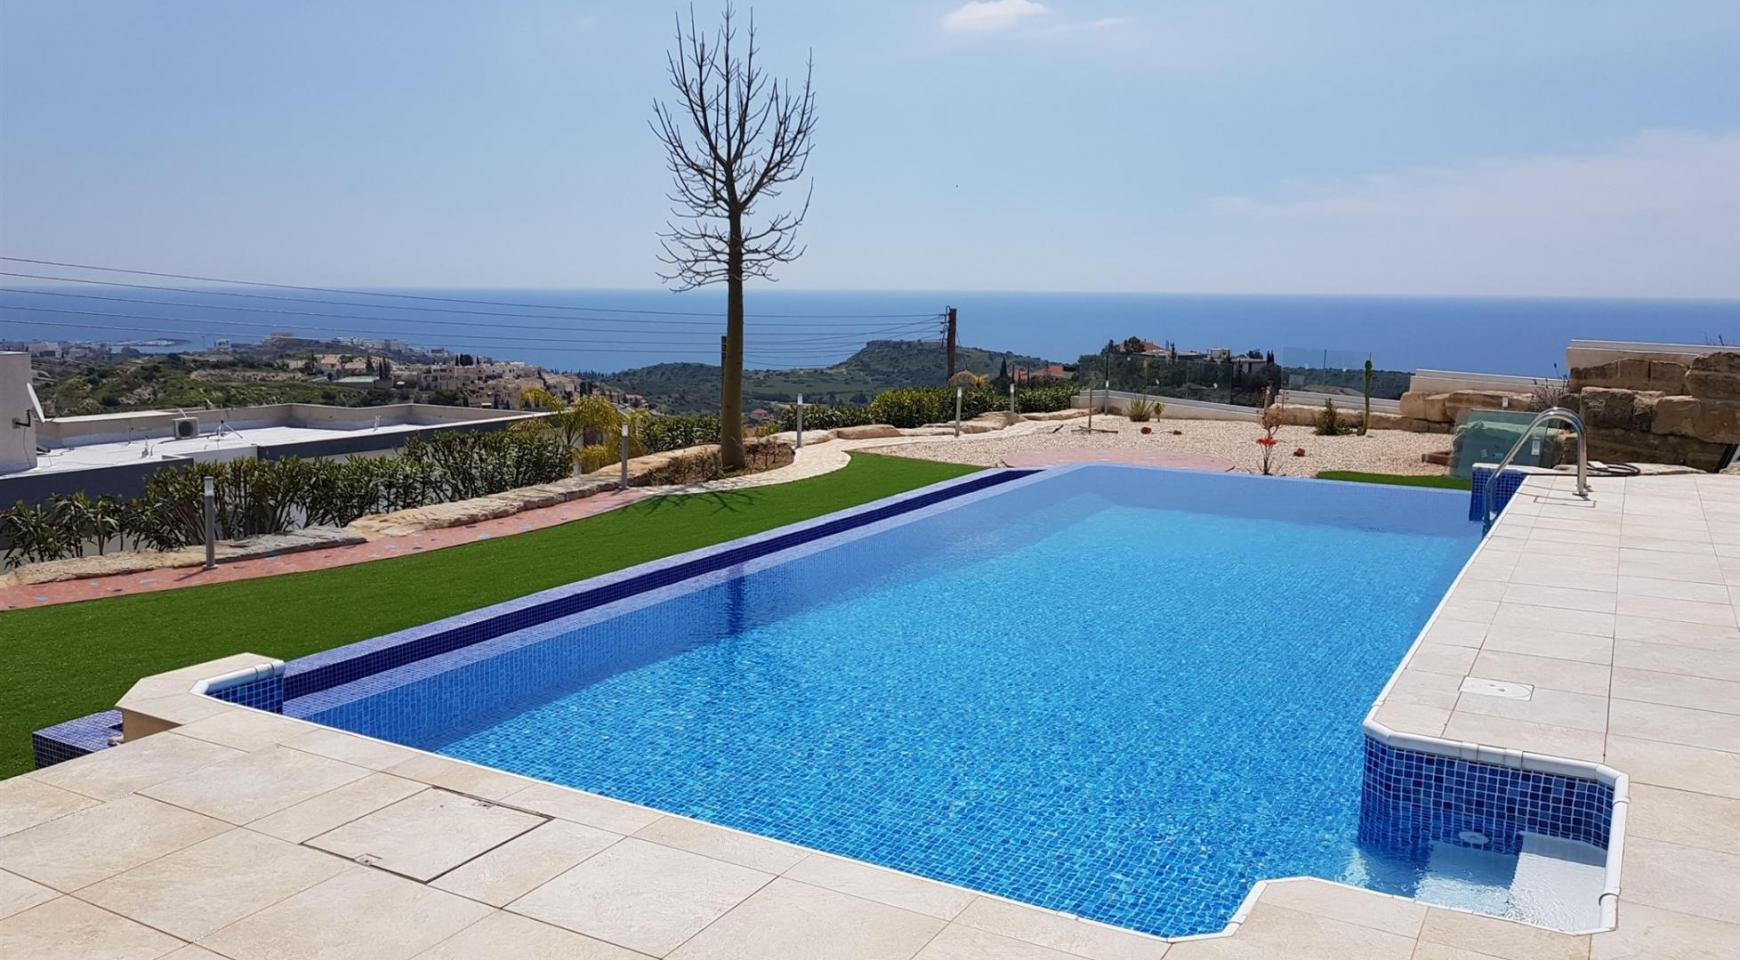 6 Bedroom Villa with Breathtaking Sea Views - 7